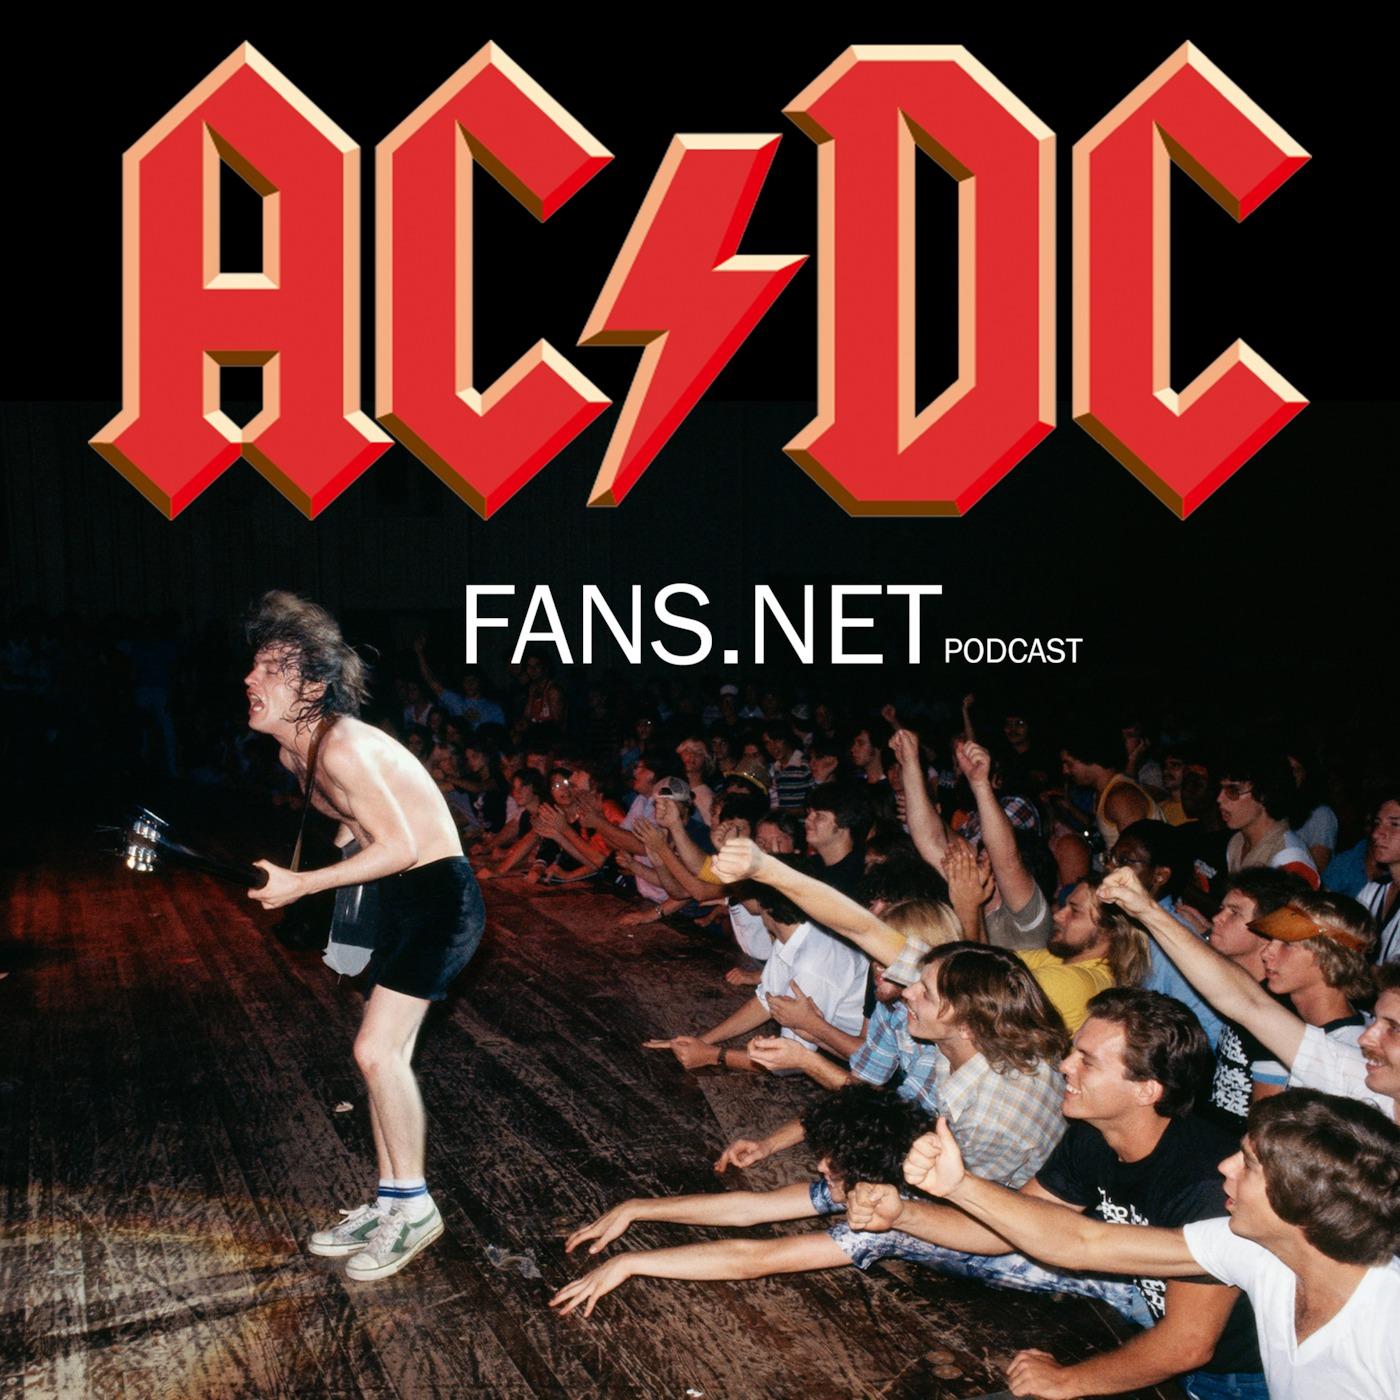 AC/DC FANS.NET